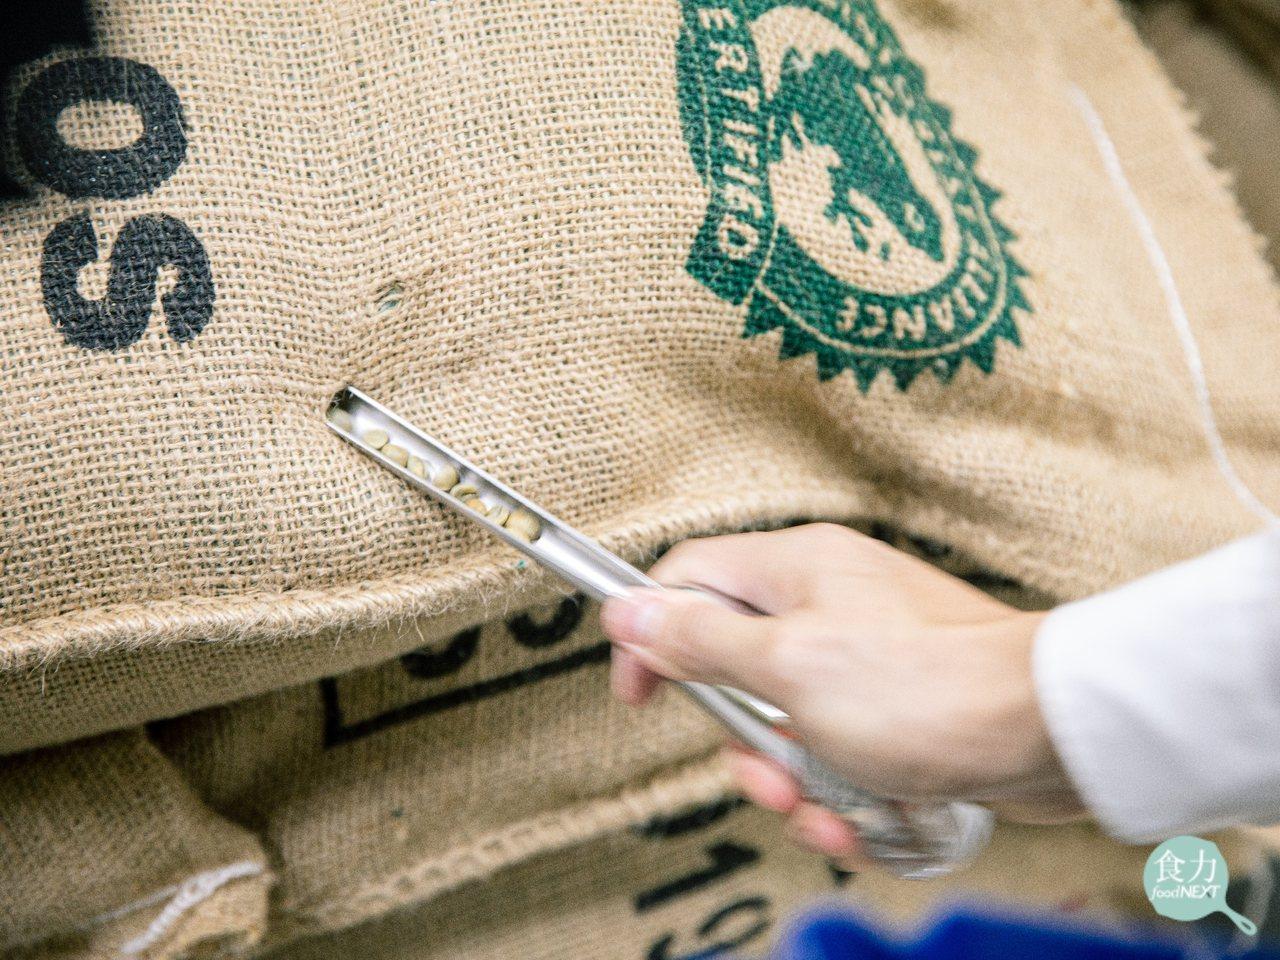 路易莎的烘豆廠在生豆進場後,首先會從麻布袋中隨機抽出生豆,目測其外觀、瑕疵情況等...